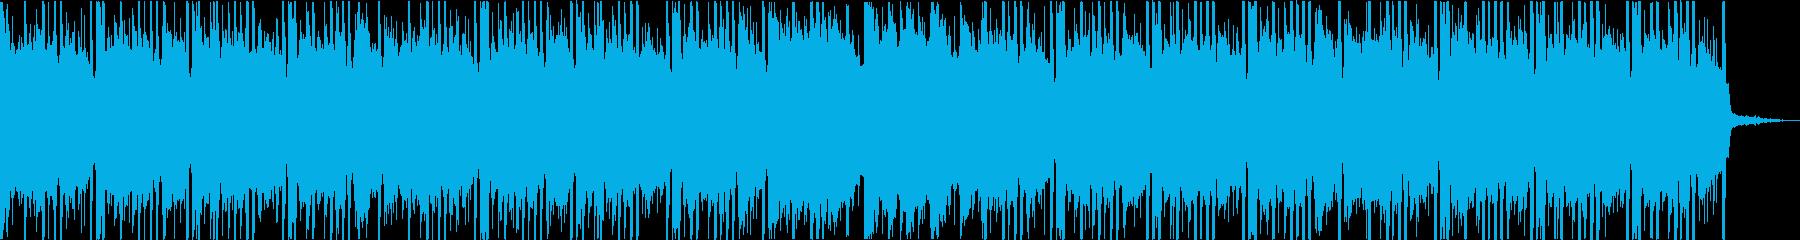 スムーズでゴージャスな洋楽トラップビートの再生済みの波形